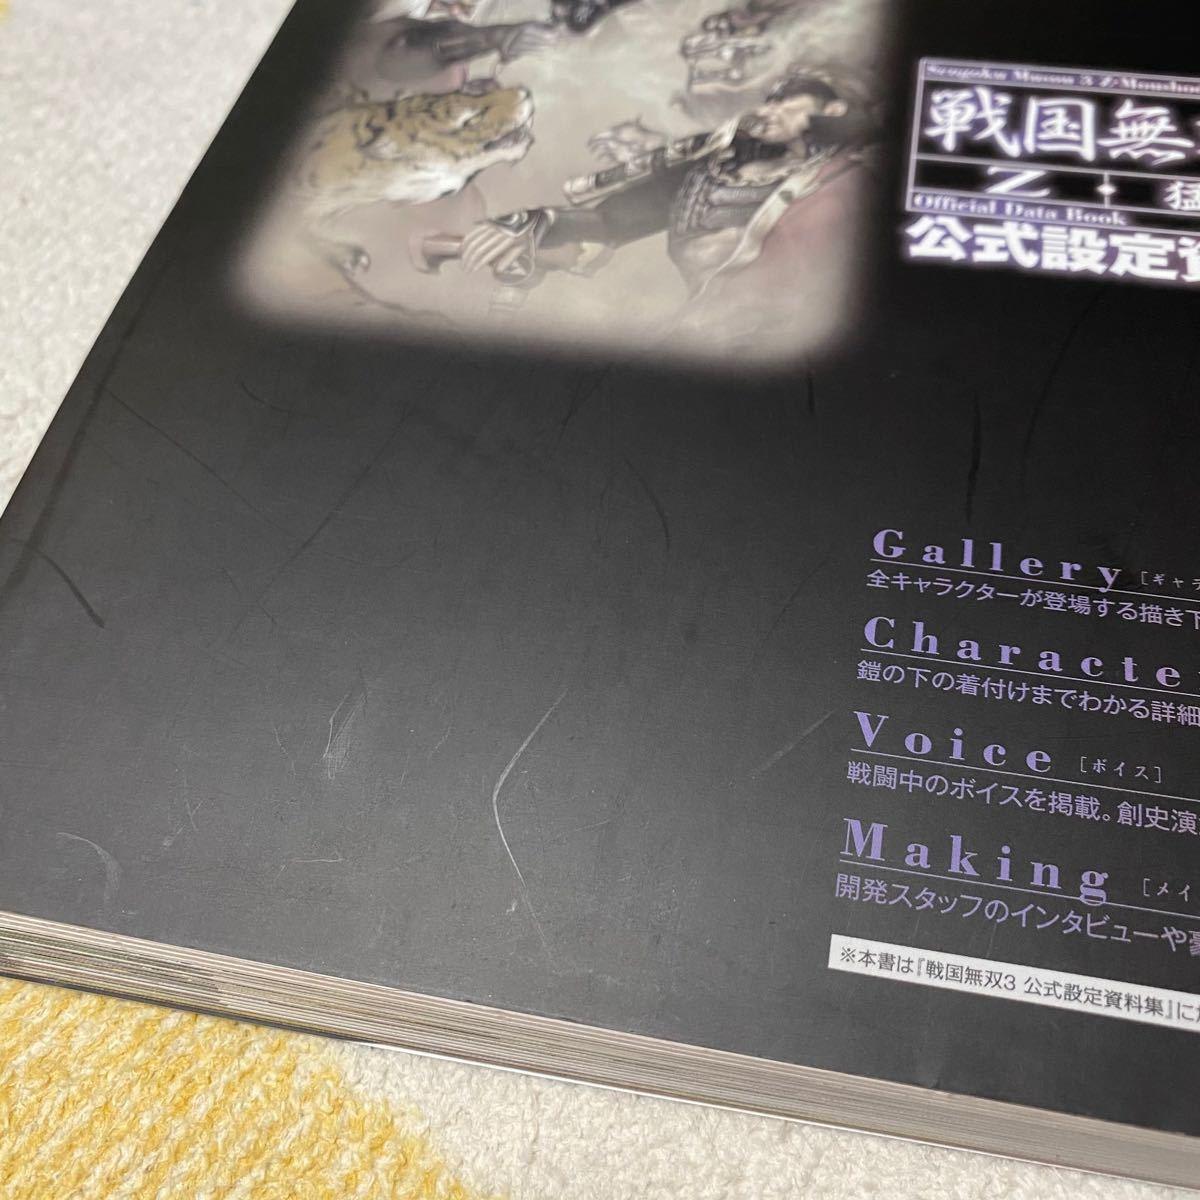 戦国無双3Z猛将伝公式設定資料集/ω‐Force 【監修】